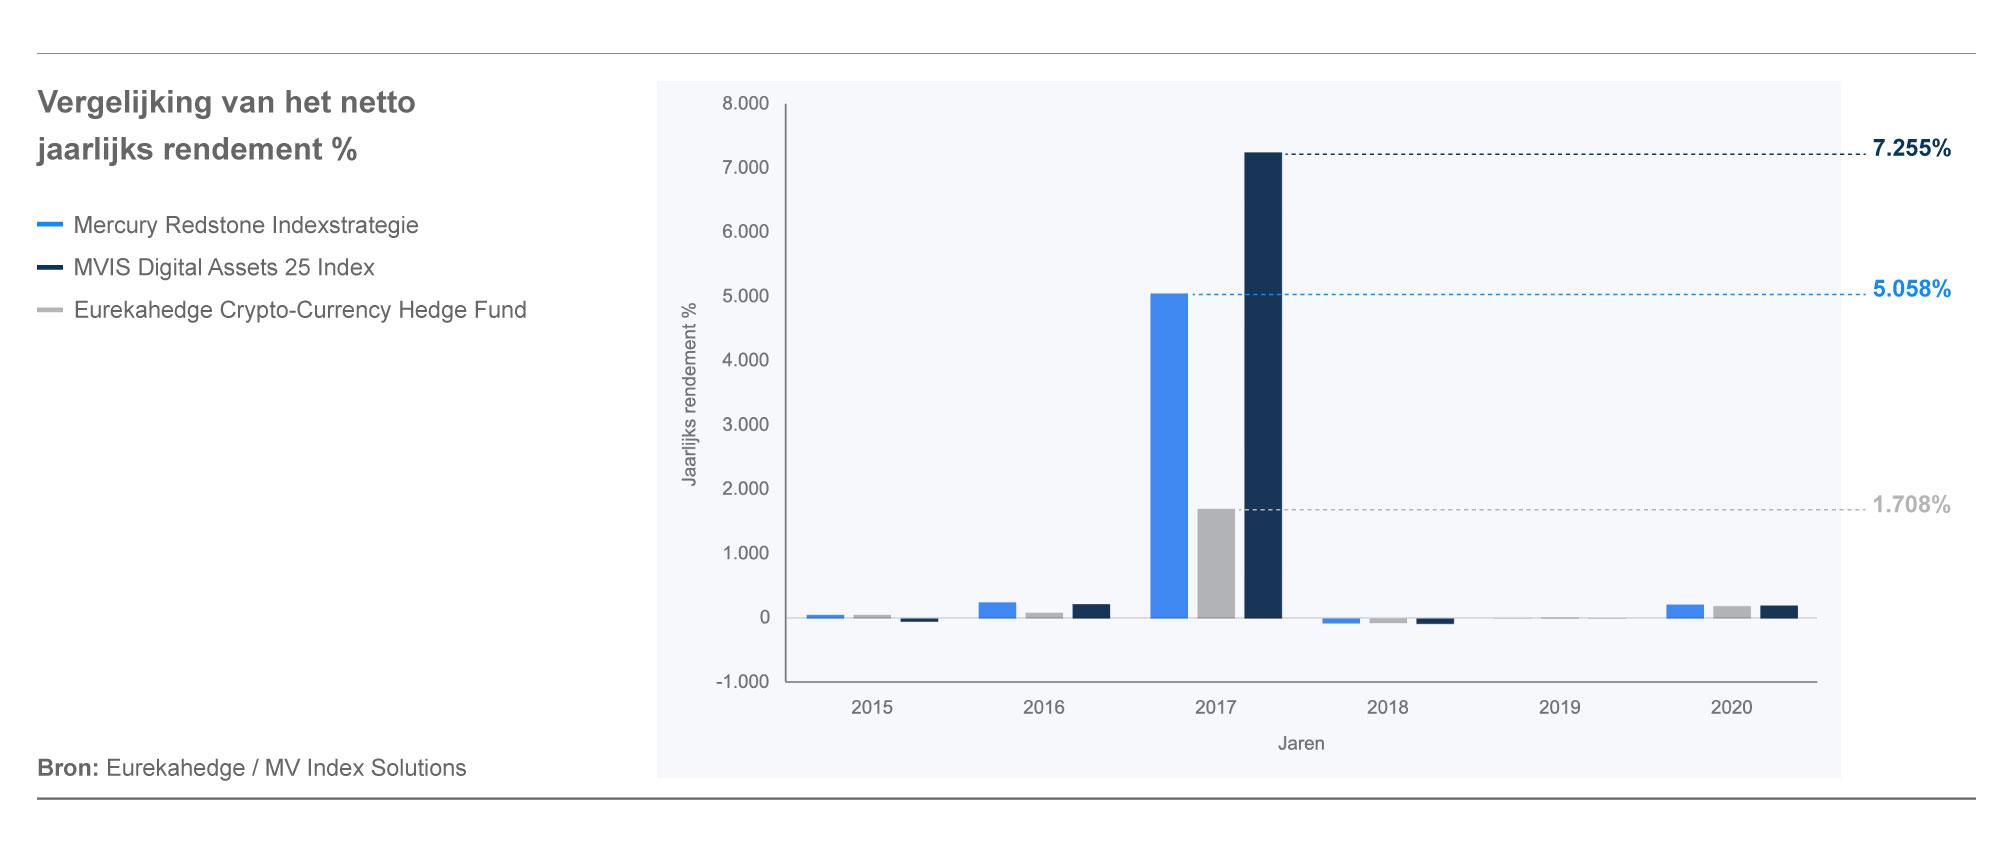 Vergelijking van het netto jaarlijks rendement